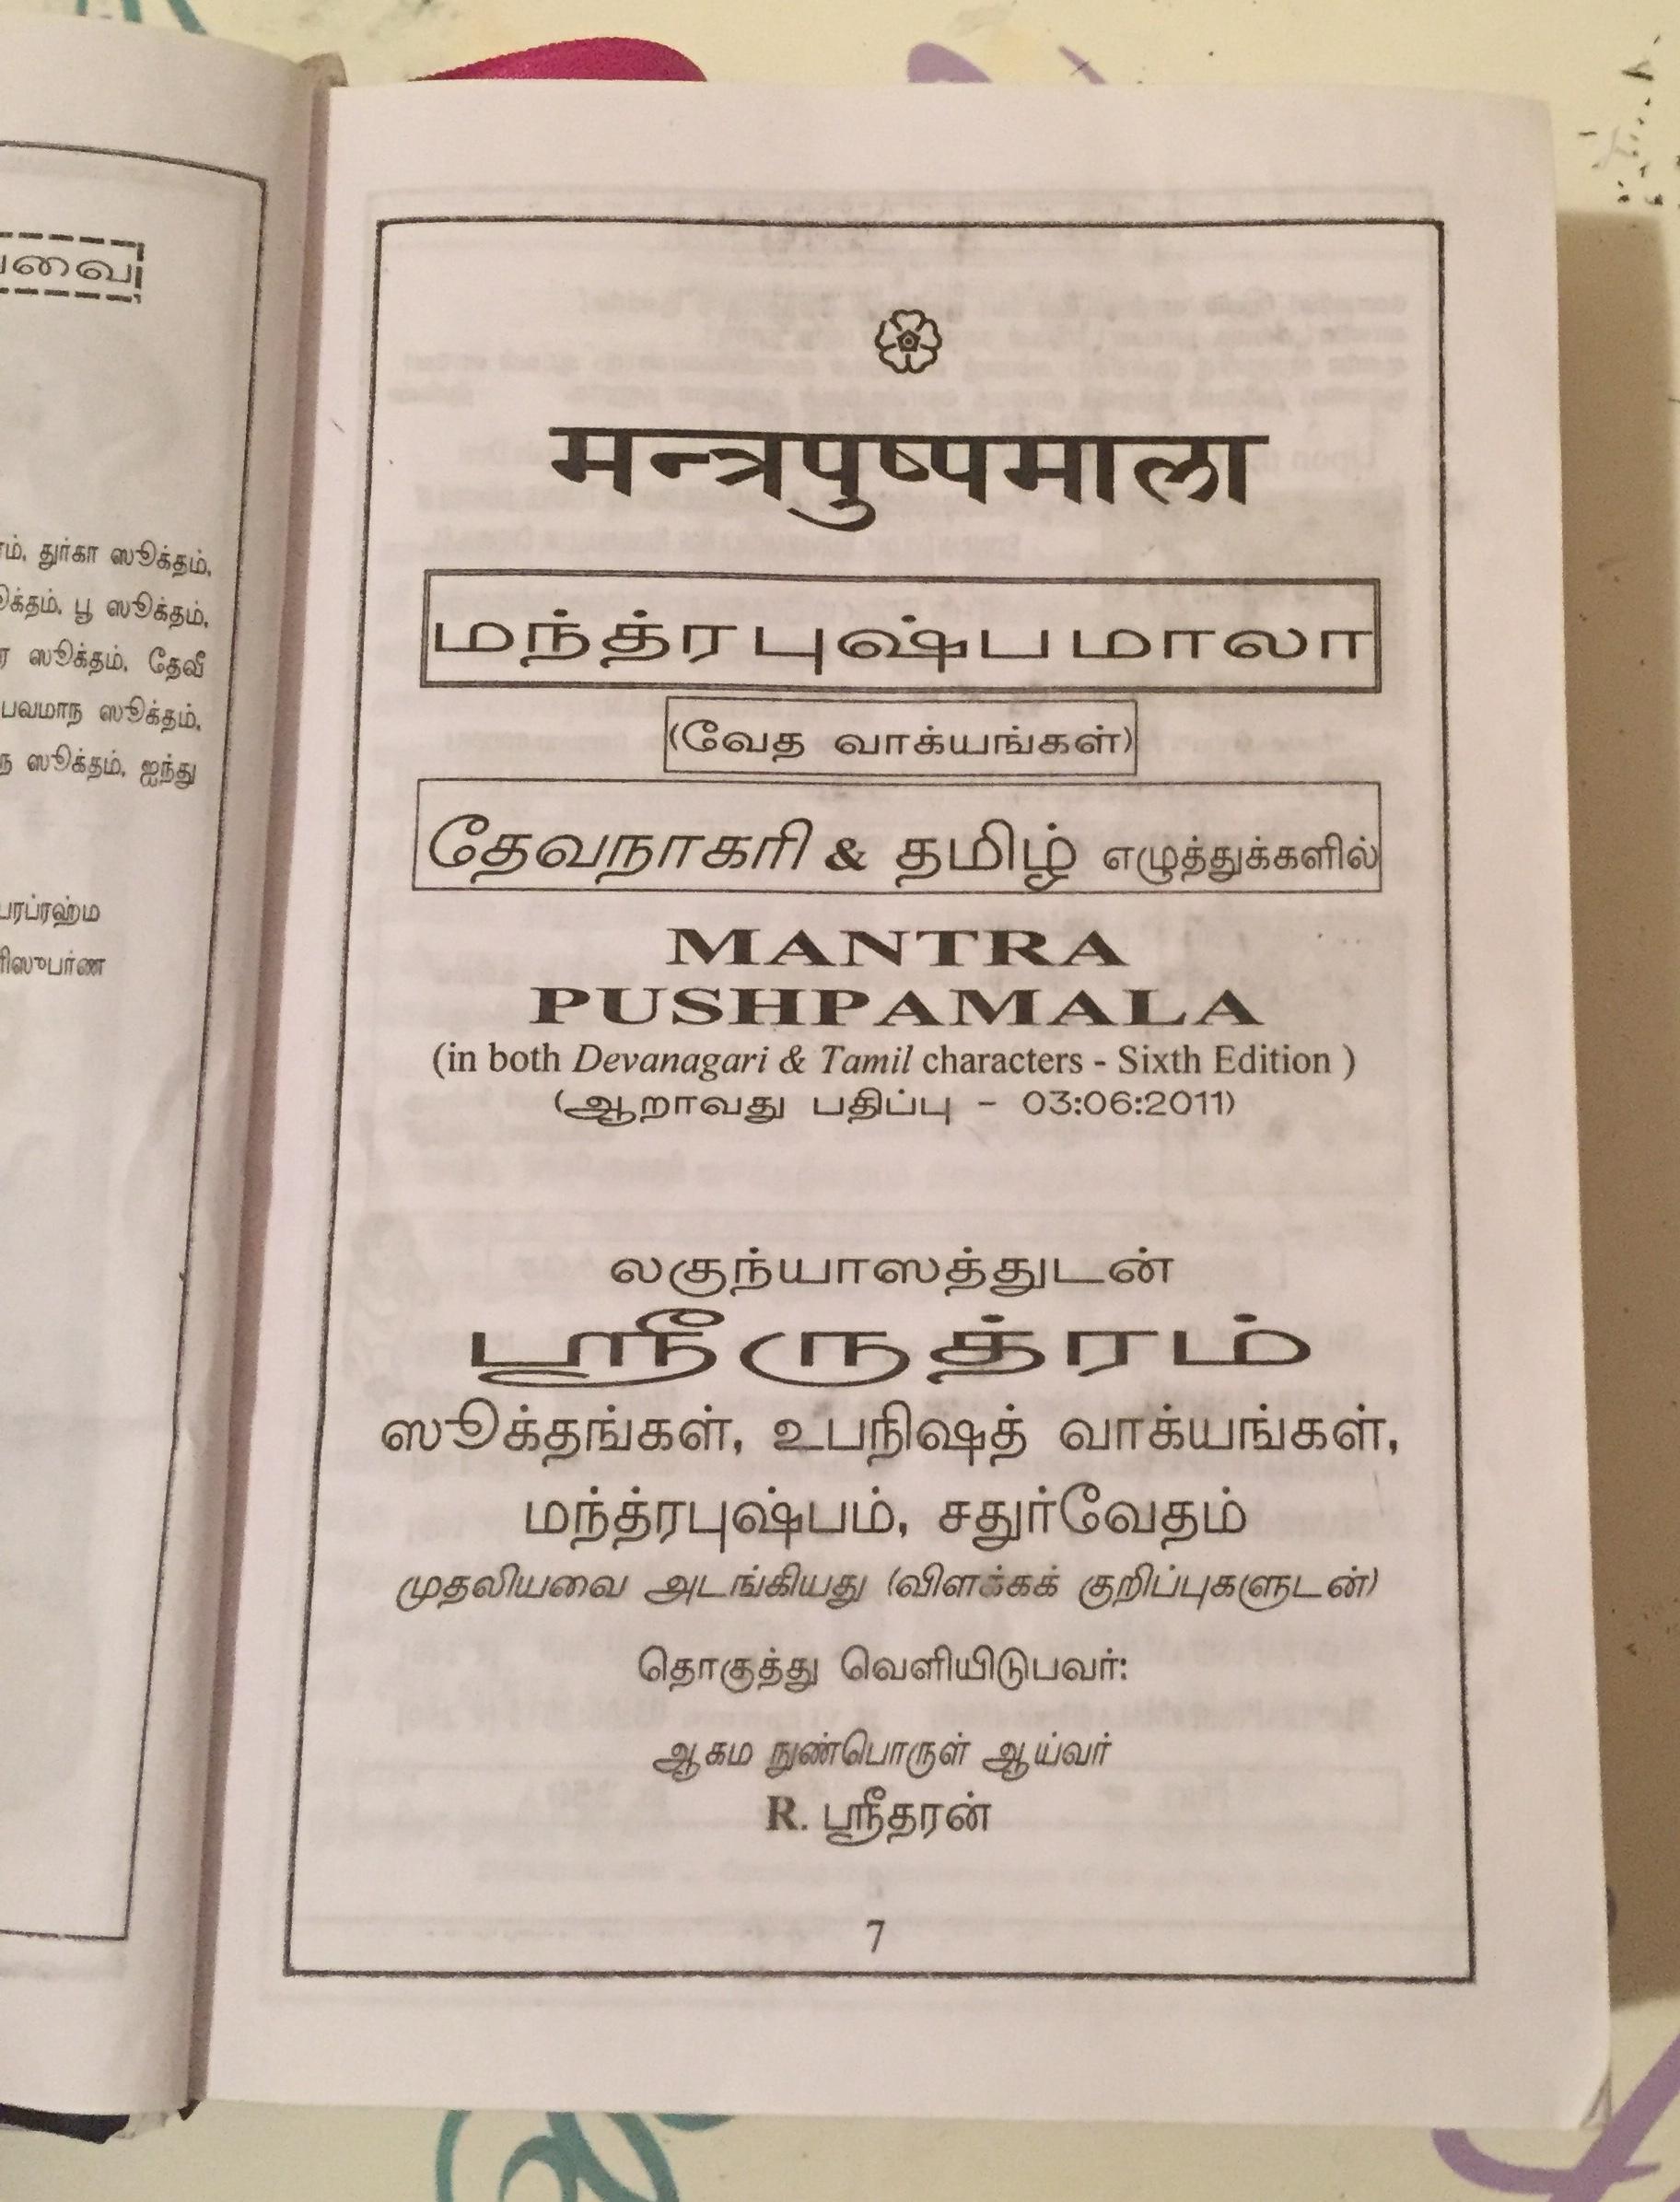 img_4244-jpg.7095 Sri Rudram Chamakam - Tamil script with svara and the Akshara sabdha annotation